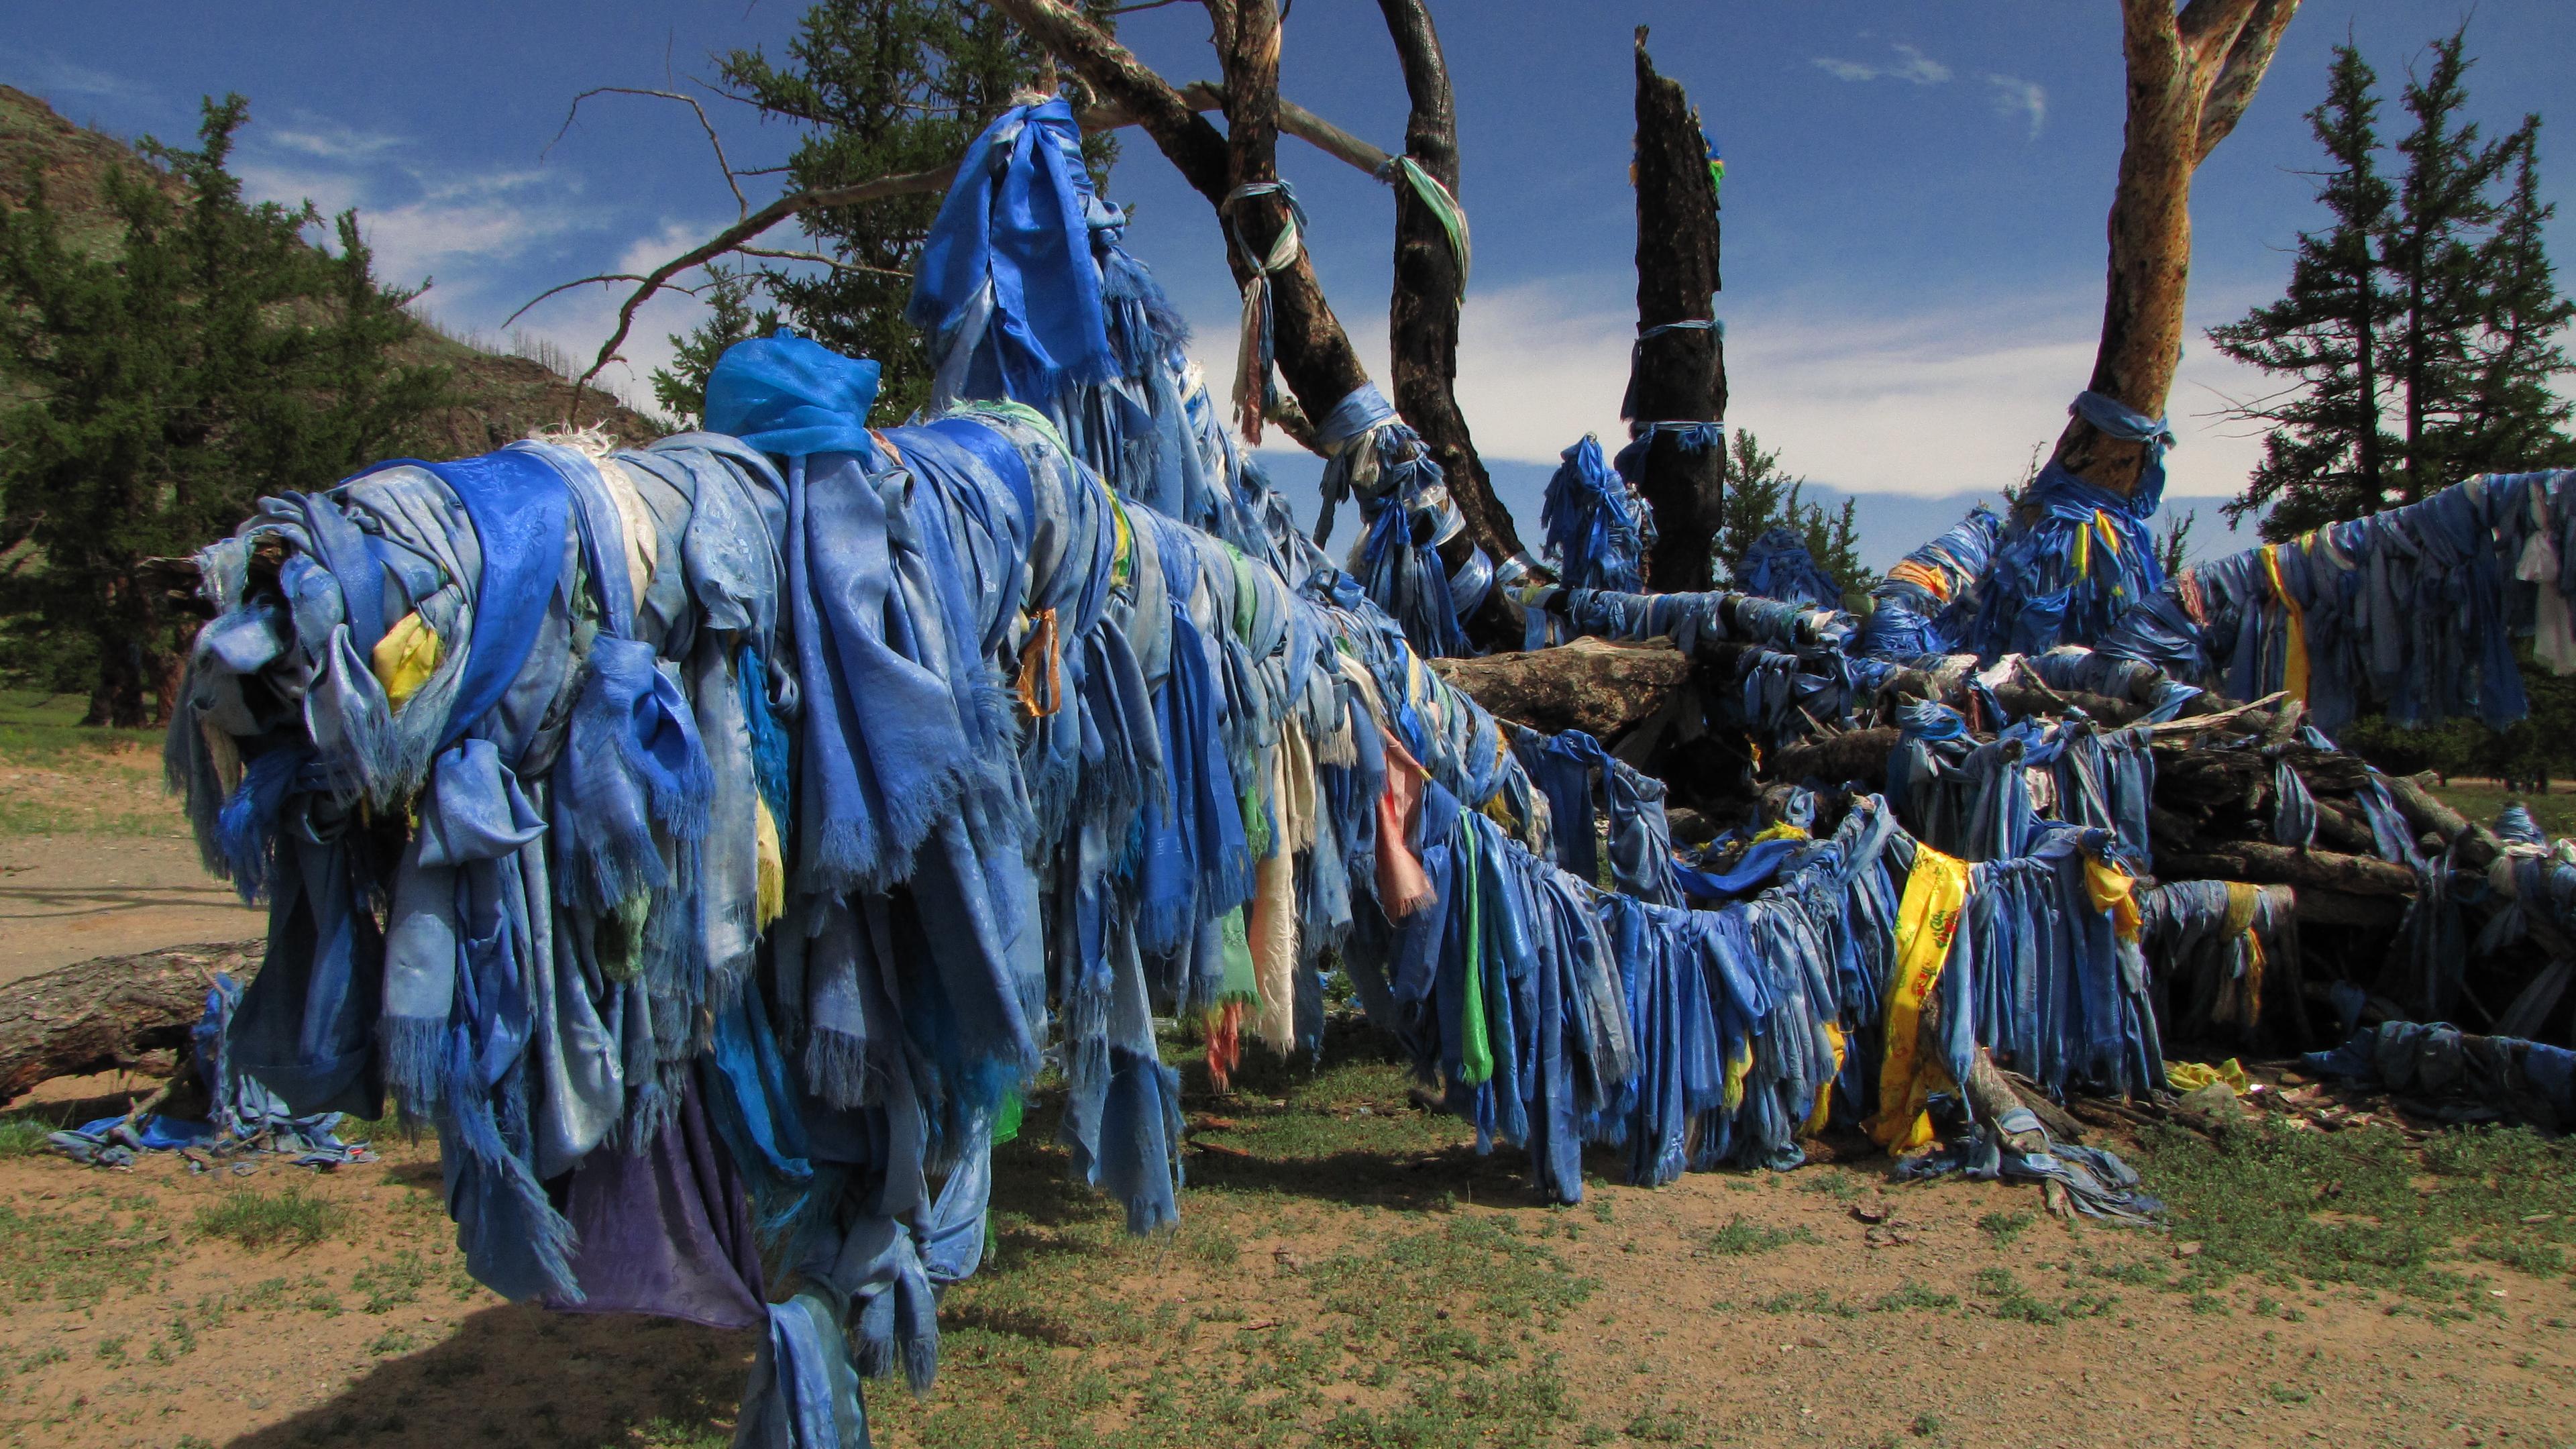 Opfer-Platz am Chulut-Fluss